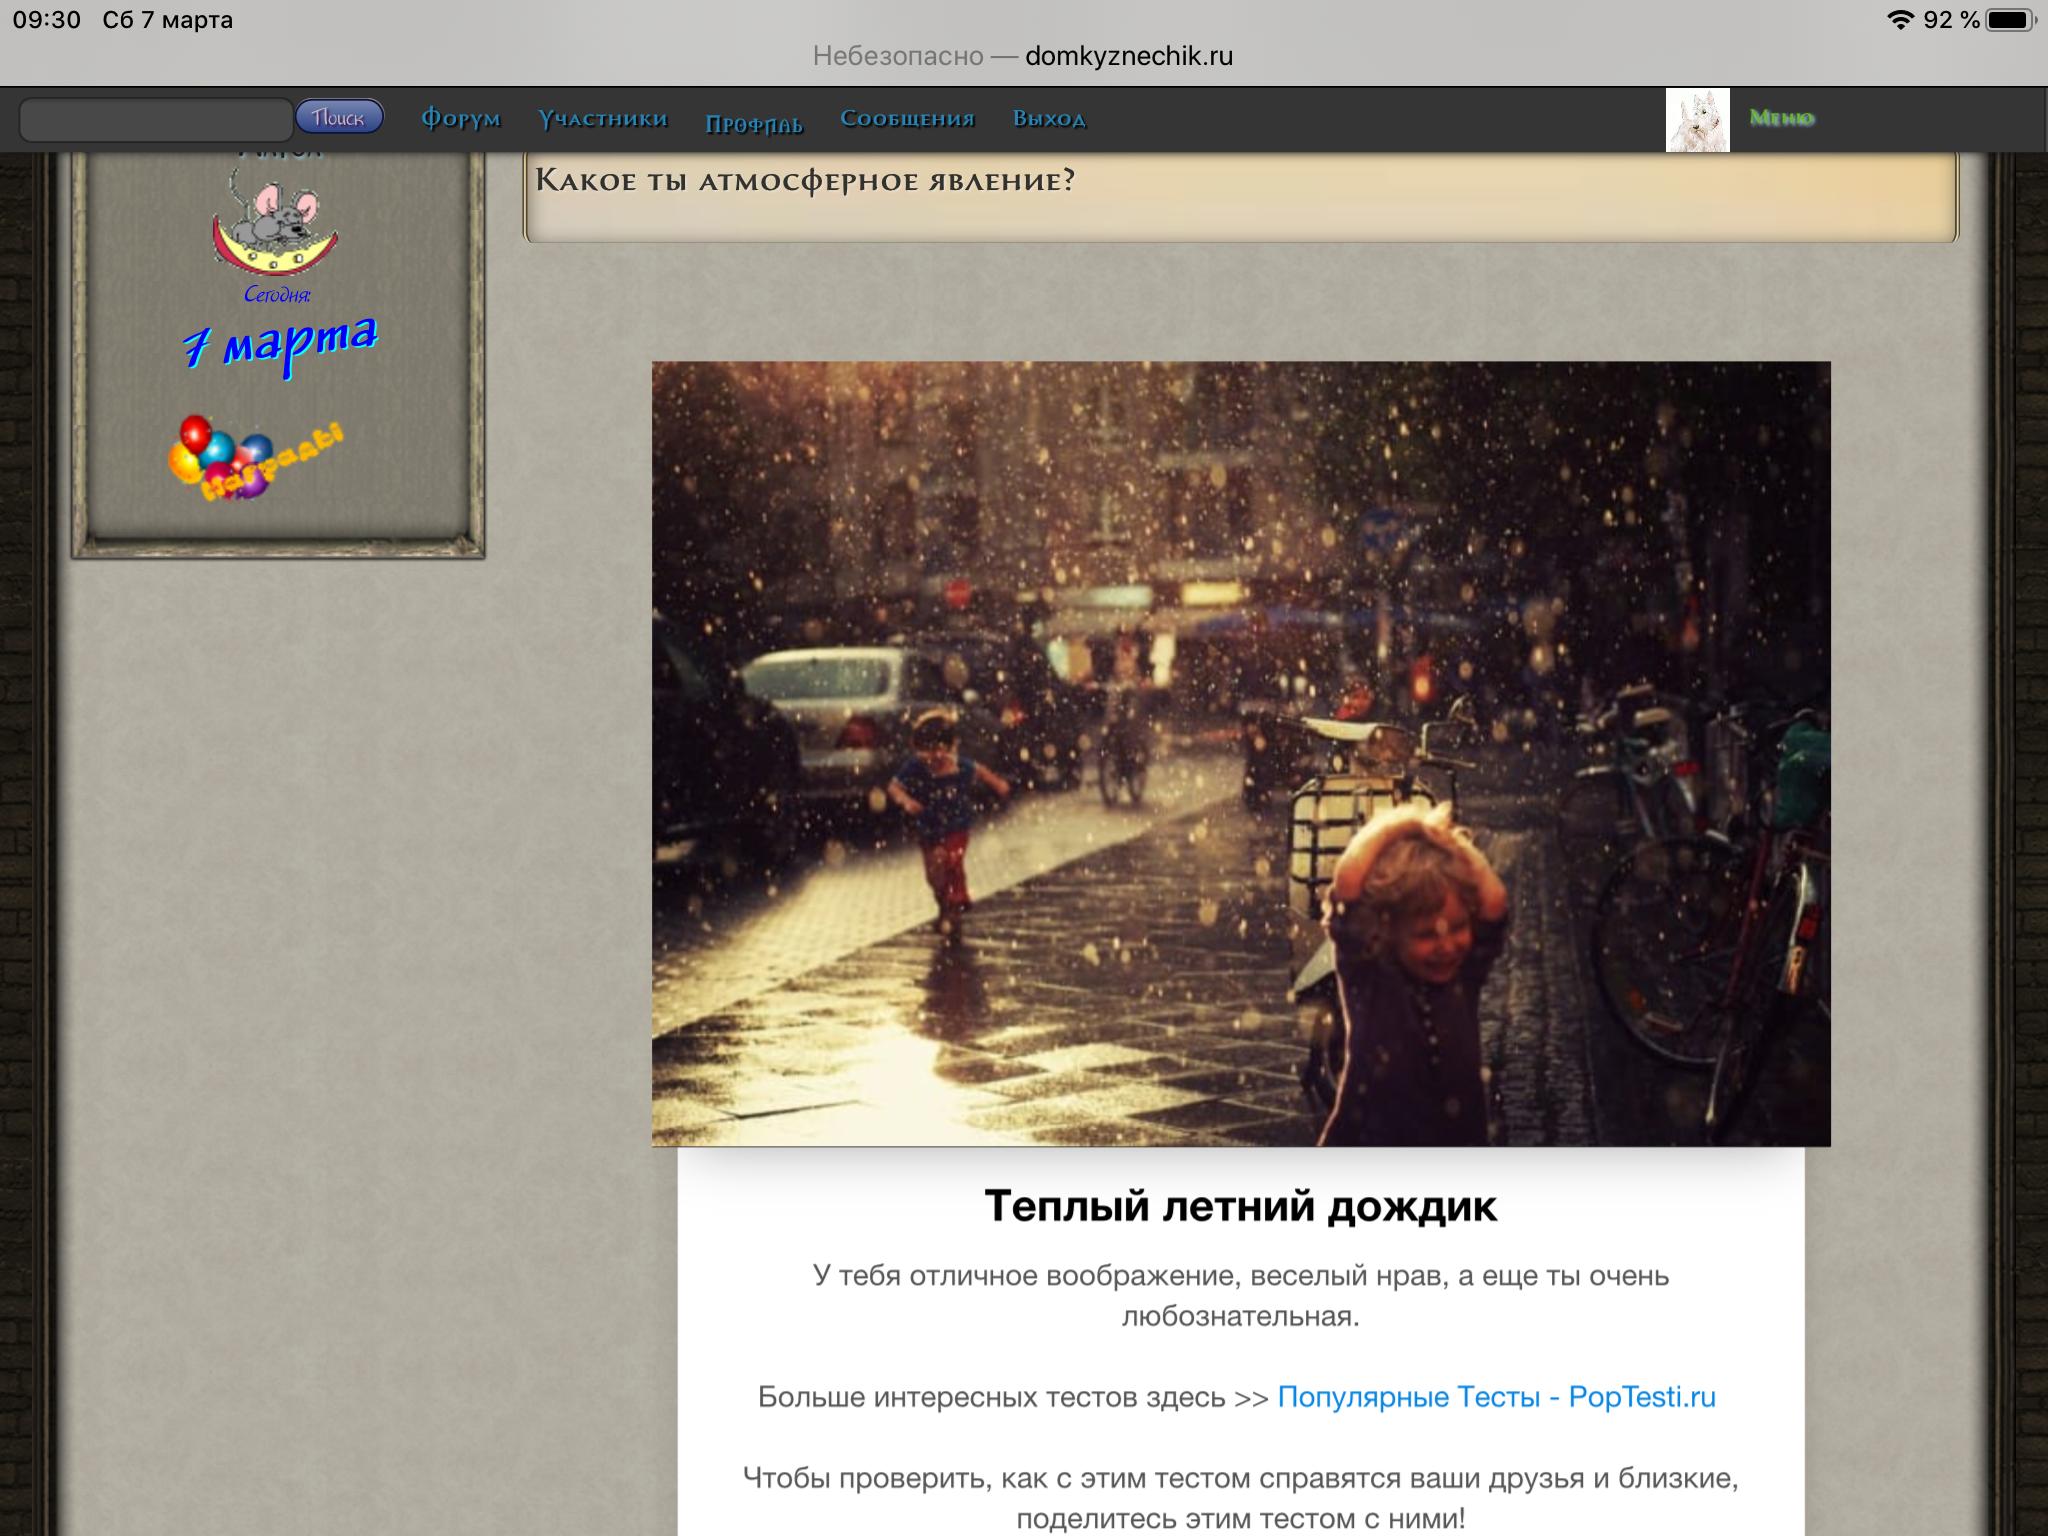 https://i5.imageban.ru/out/2020/03/07/b105c7ffa17ecba677436166bee564bd.png